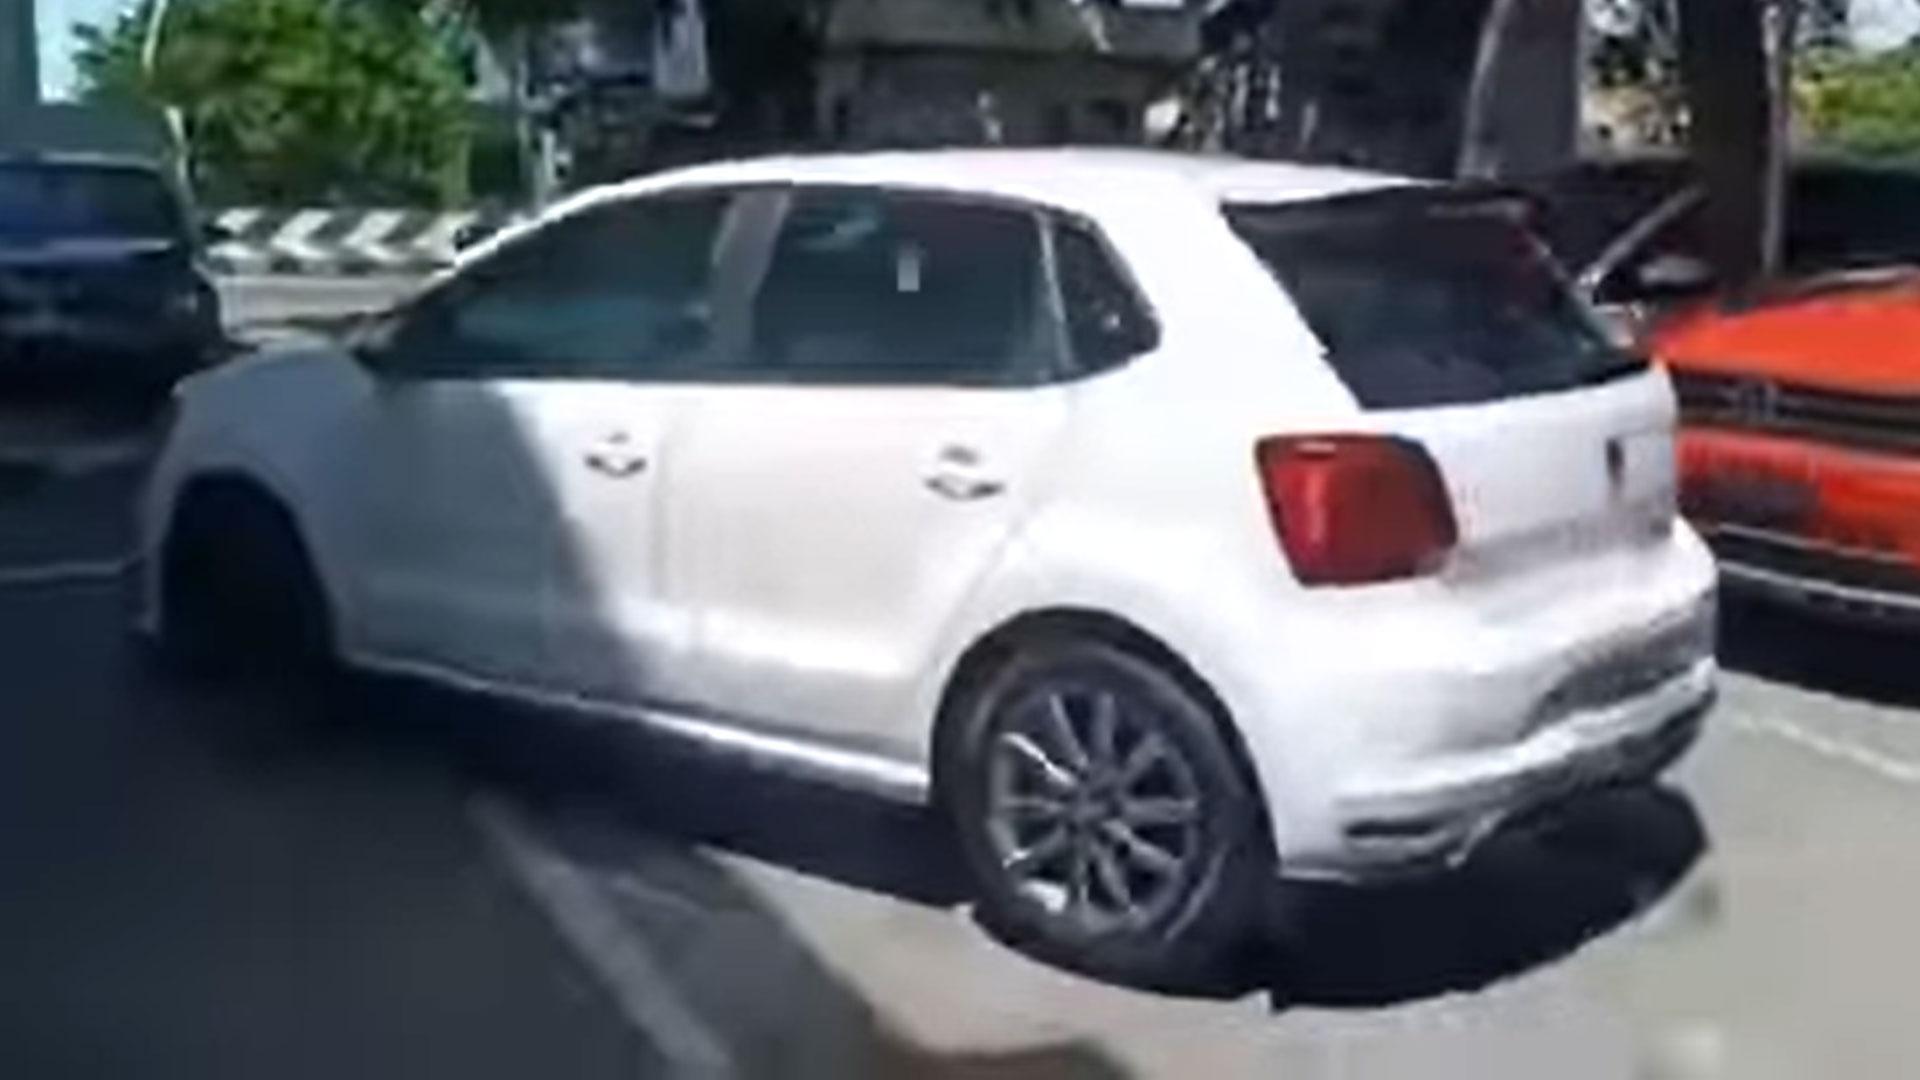 Nieuwe VW Polo crasht al op het parkeerterrein